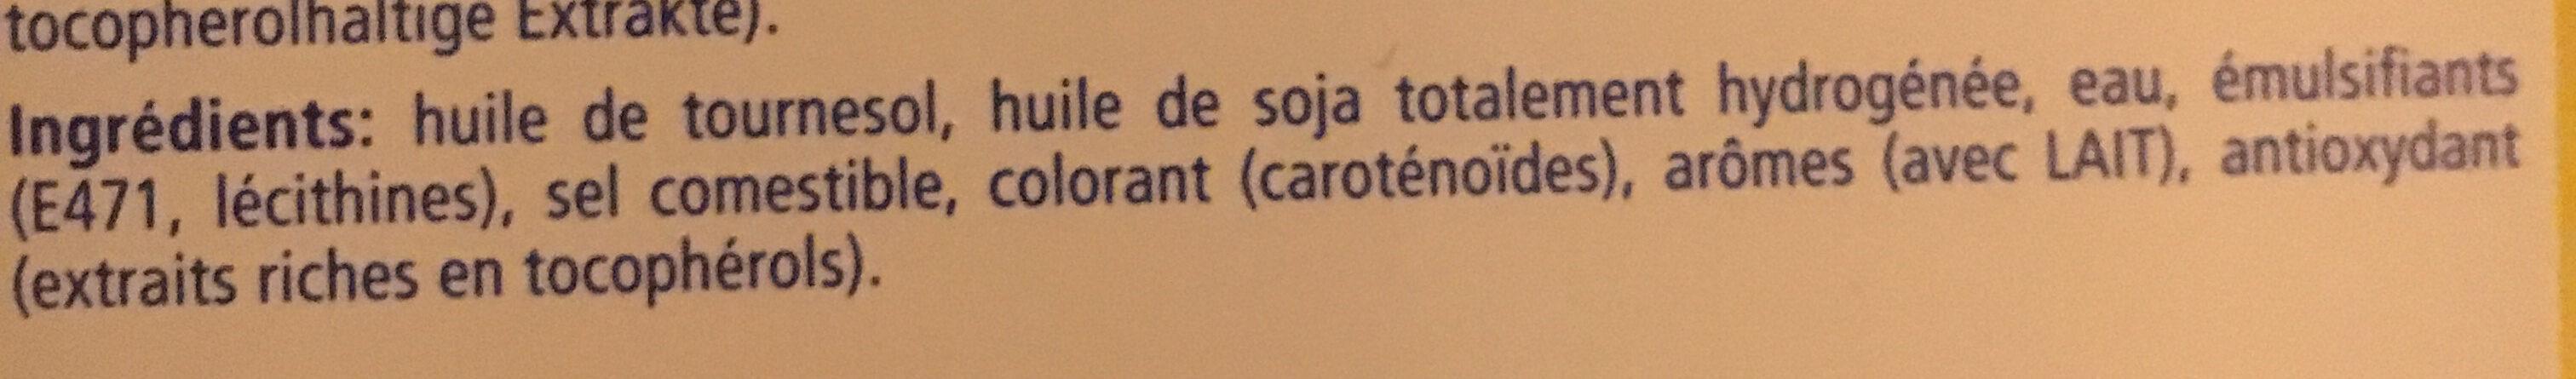 Crème D'huile Végétale Spécial Sais 50cl, 1 Bouteille - Ingredients